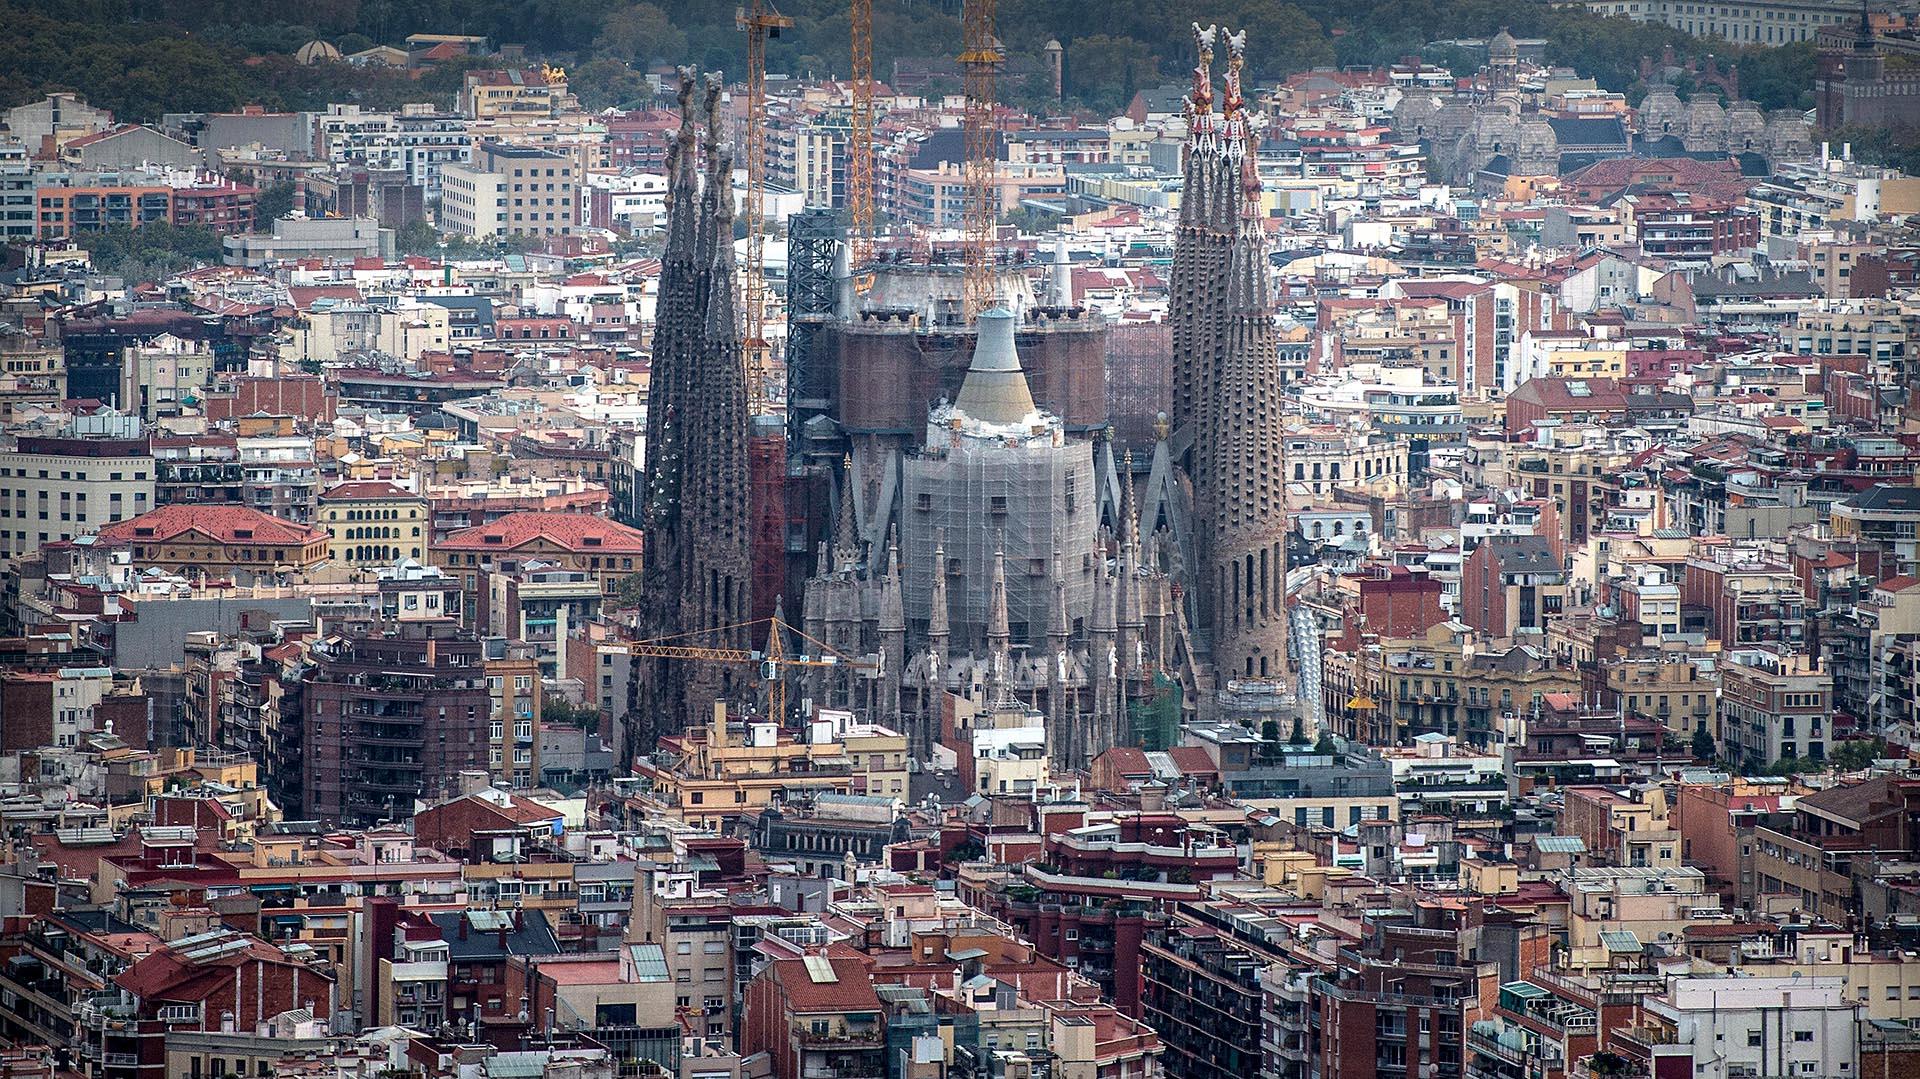 Gaudí sólo tuvo tiempo de crear una de las 18 torres que pretendía. Sin embargo, antes de morir en 1926, dejó los planos y diseños de la monumental obra, lo que permitió avanzar en las tareas de construcción gracias al trabajo de otros artistas y al dinero obtenido por donaciones // Fotos: Getty / AFP